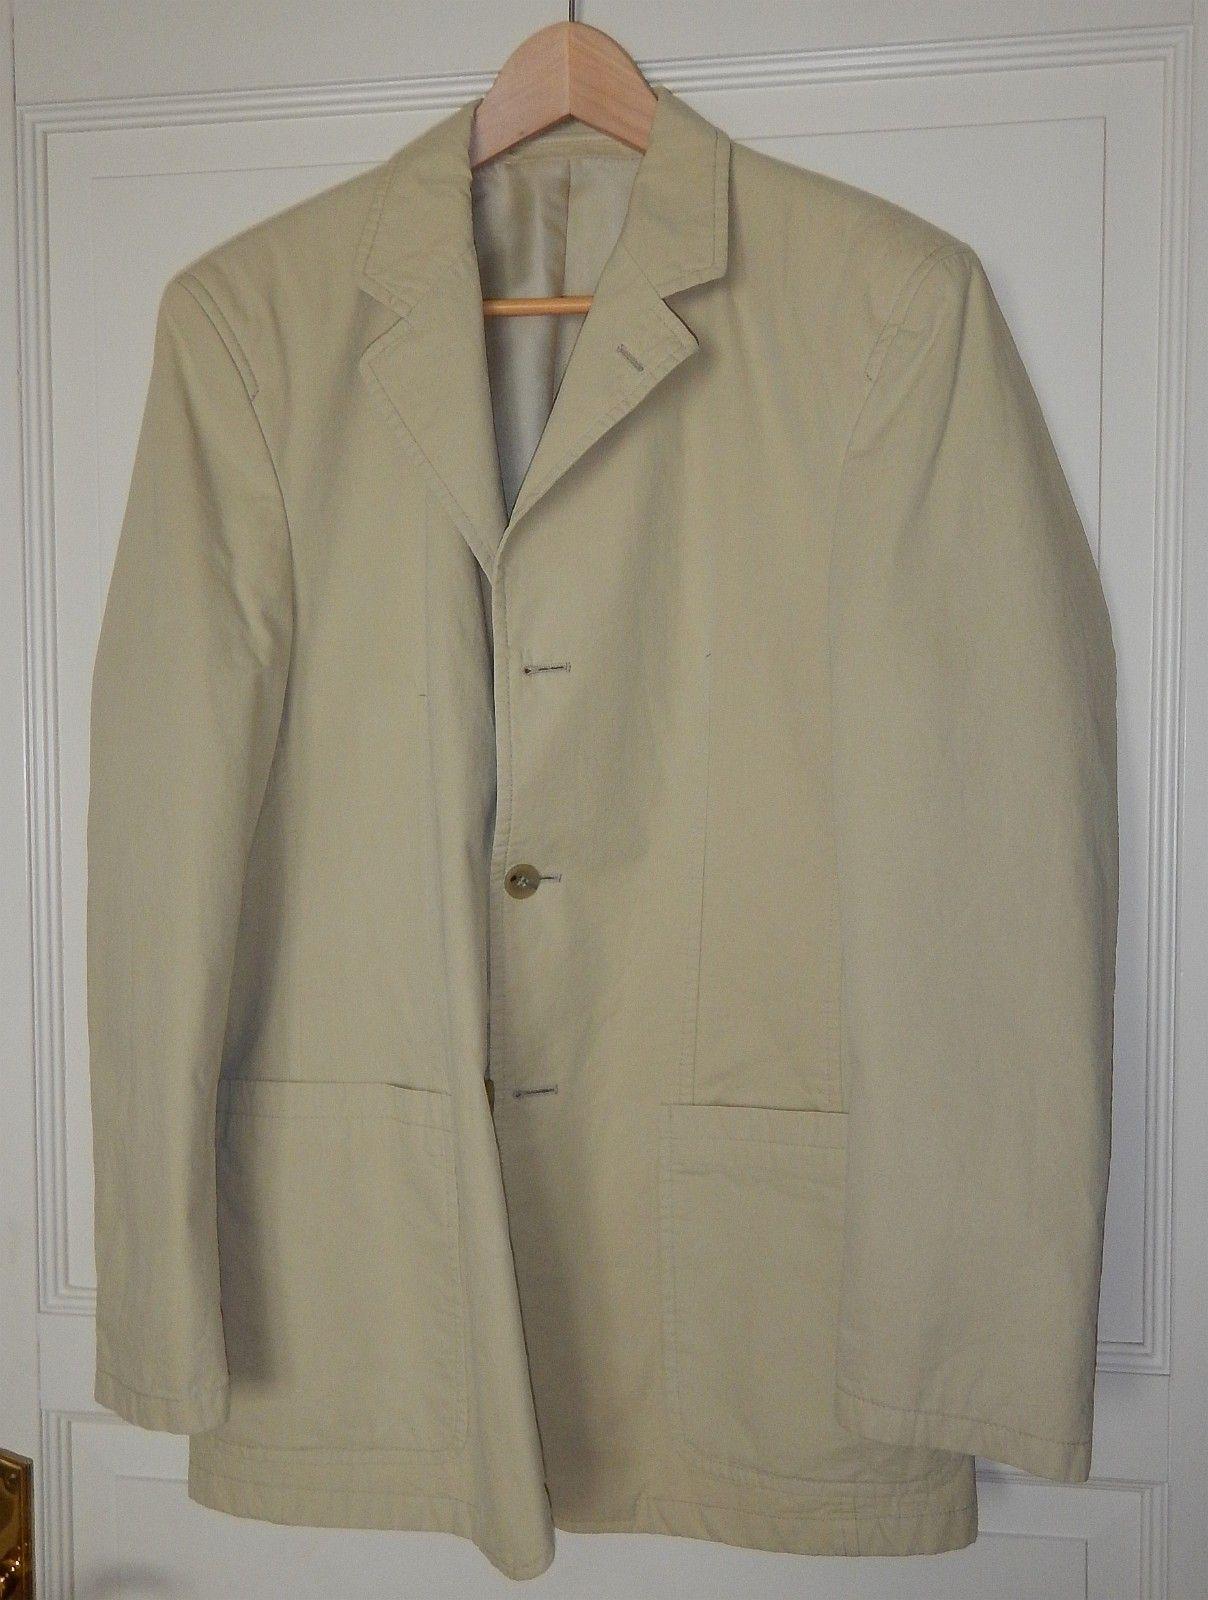 Blazer, beige, str. 90 - Oslo  - Blazer jakke, beige farget, str. 90,  Ingen flekker, brukt bare en par gang - Oslo